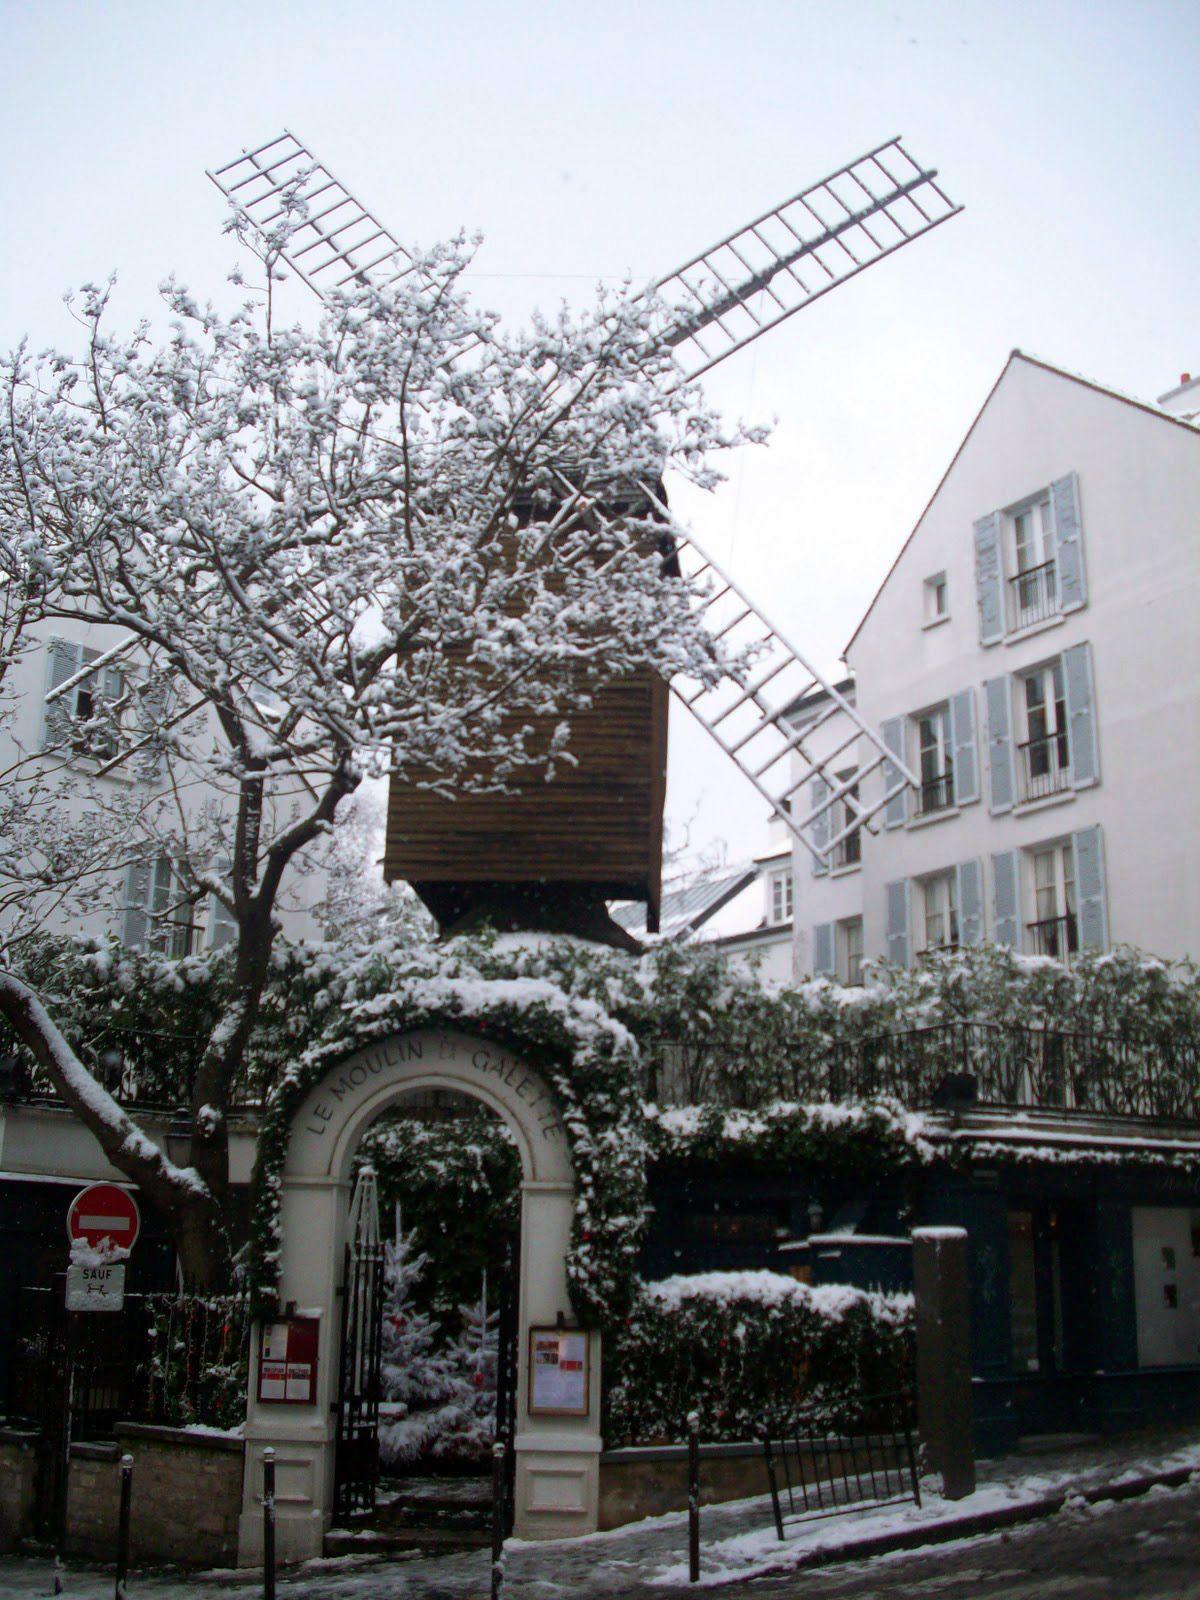 Paris sous la Neige - Montmartre - Le Moulin de la Galette http://clementineetchocolat.com/moulin-de-la-galette/